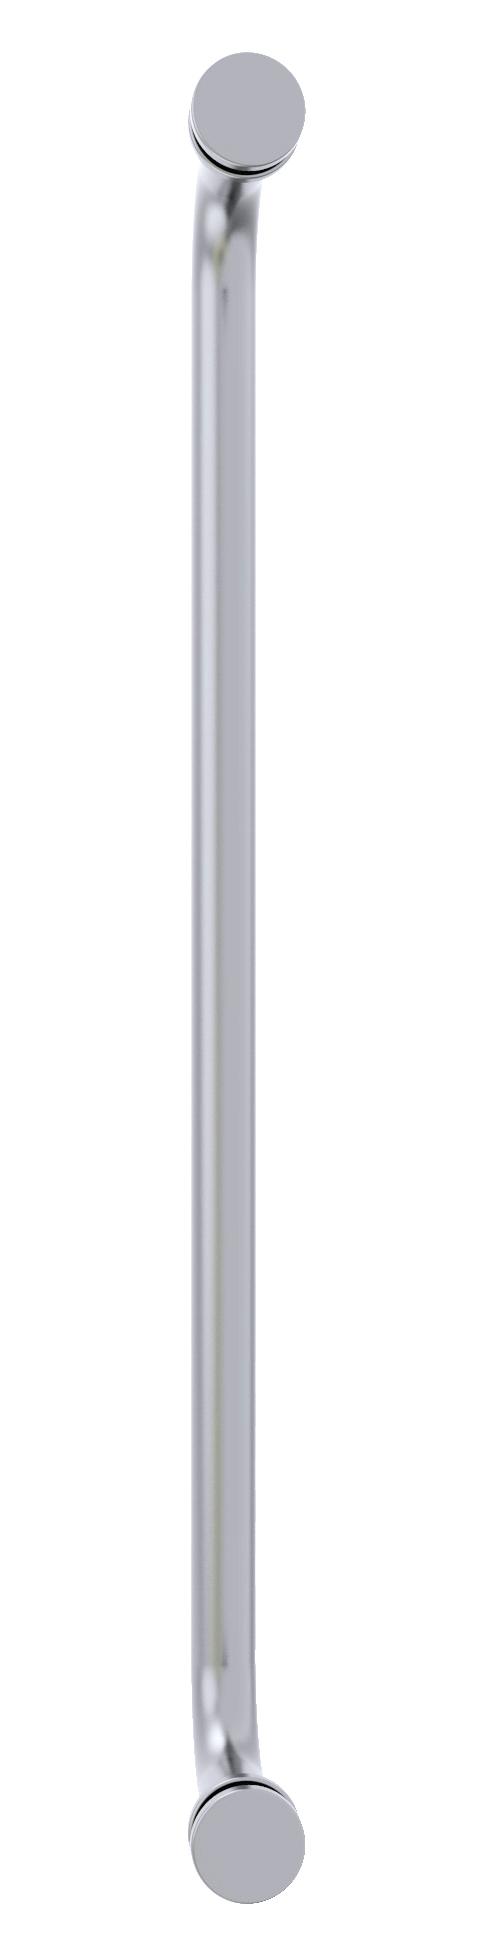 Shower Door Towel Bar Buy Glass Mount Bar Towel Rack Online